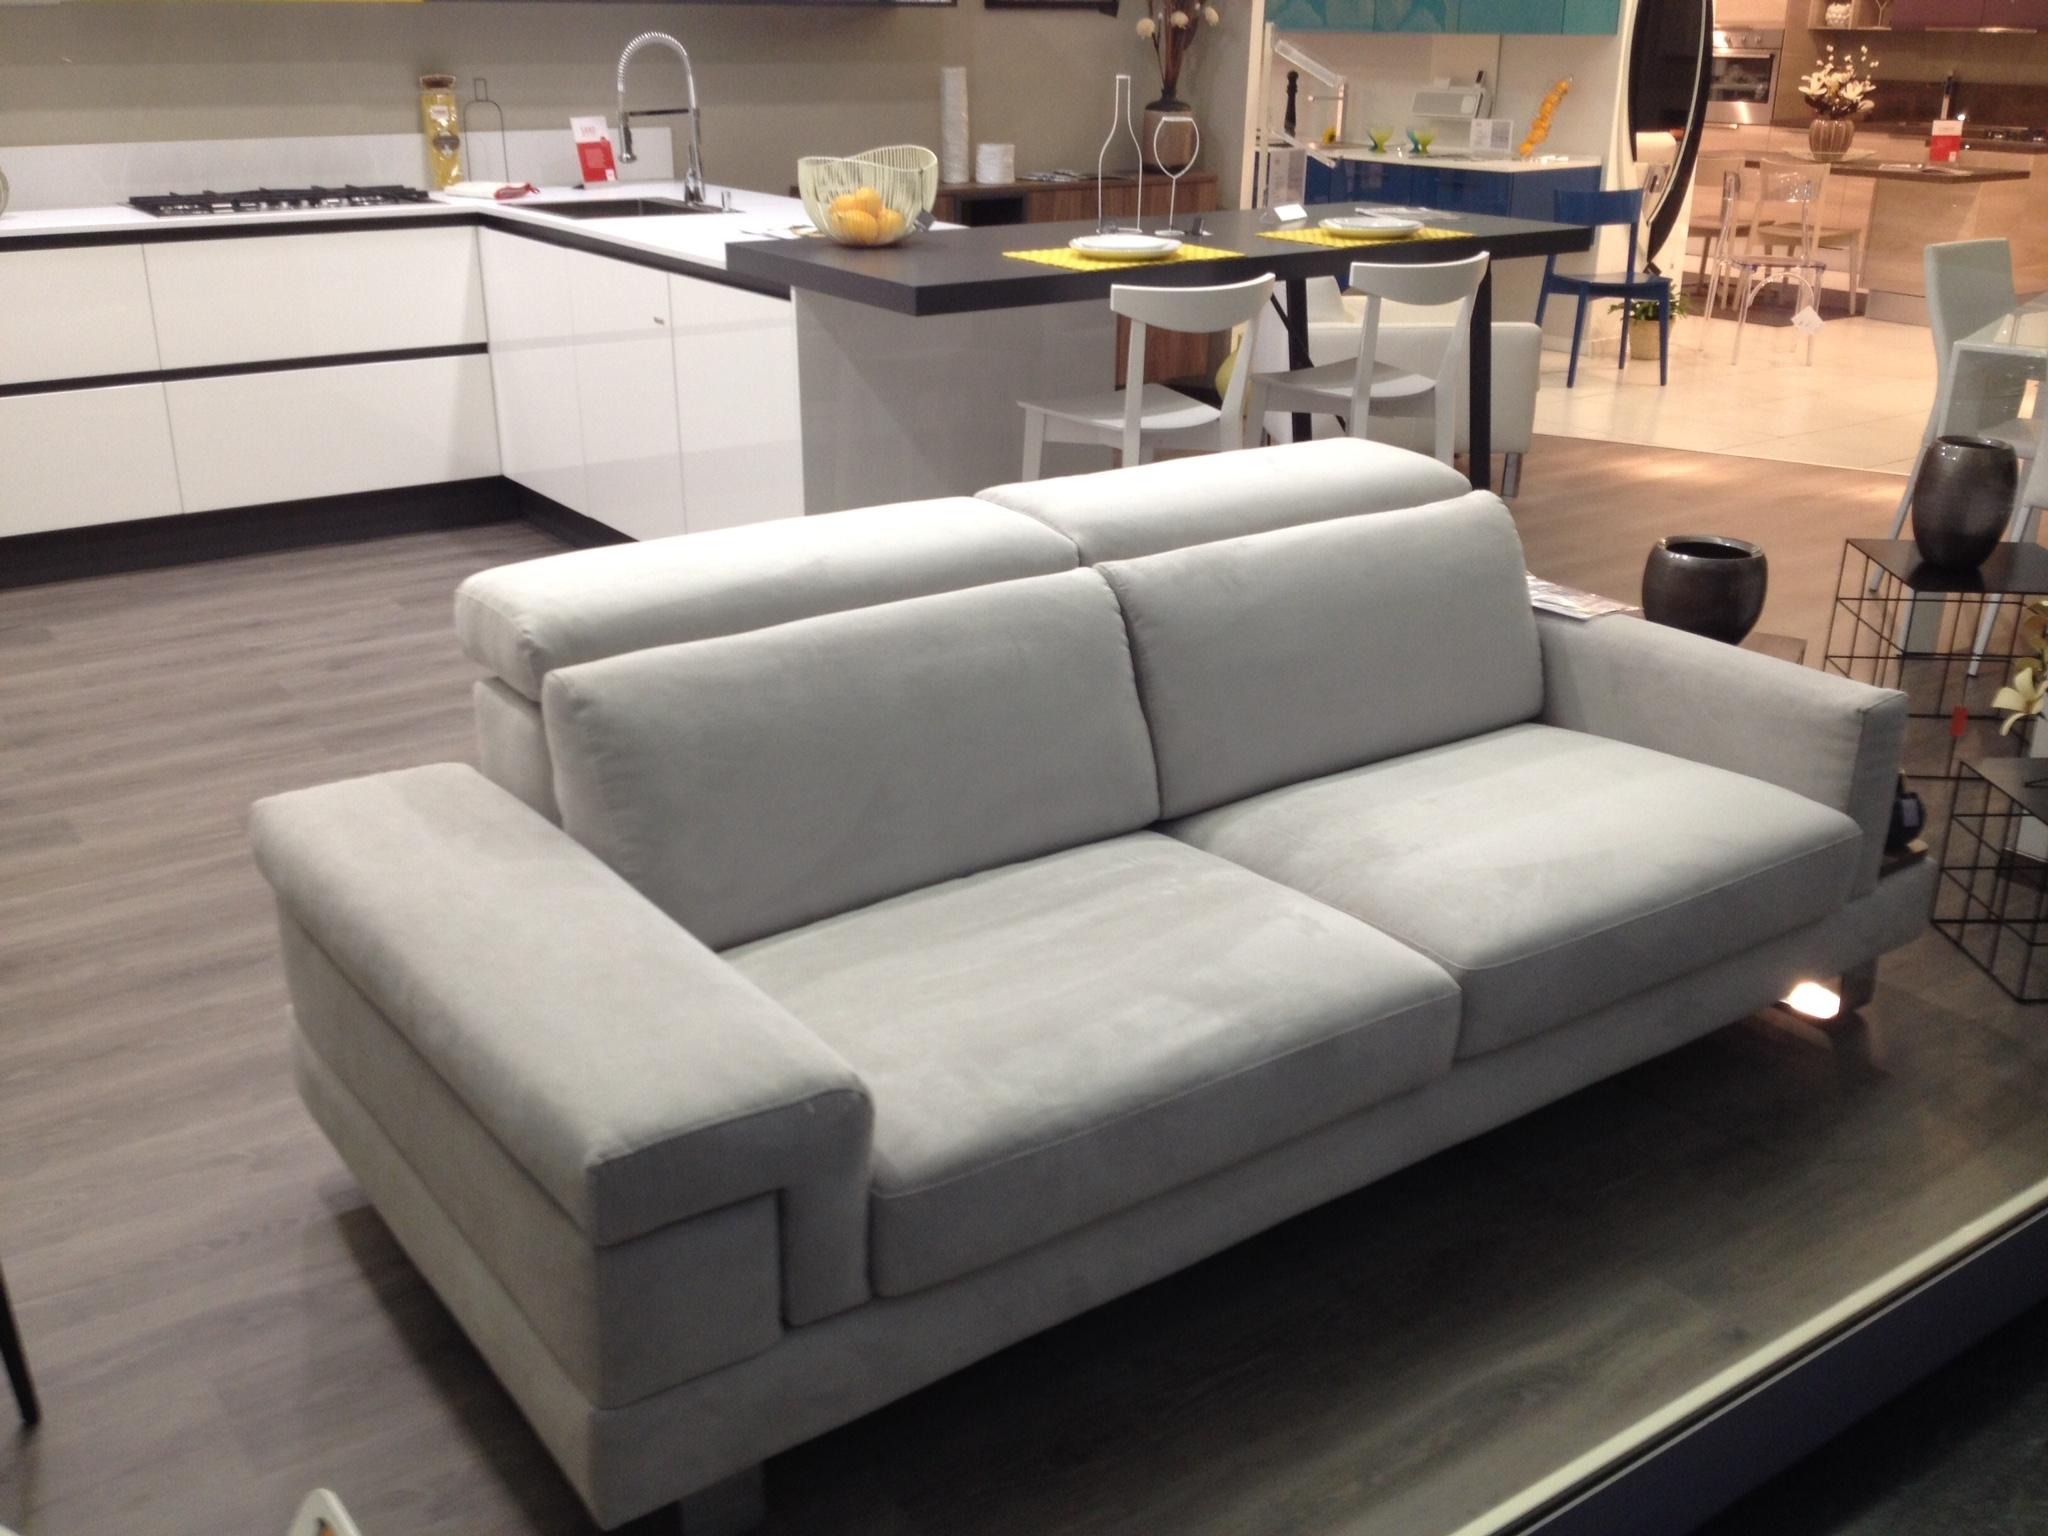 Divano manhattan divani a prezzi scontati - Imbottitura divani poliuretano ...